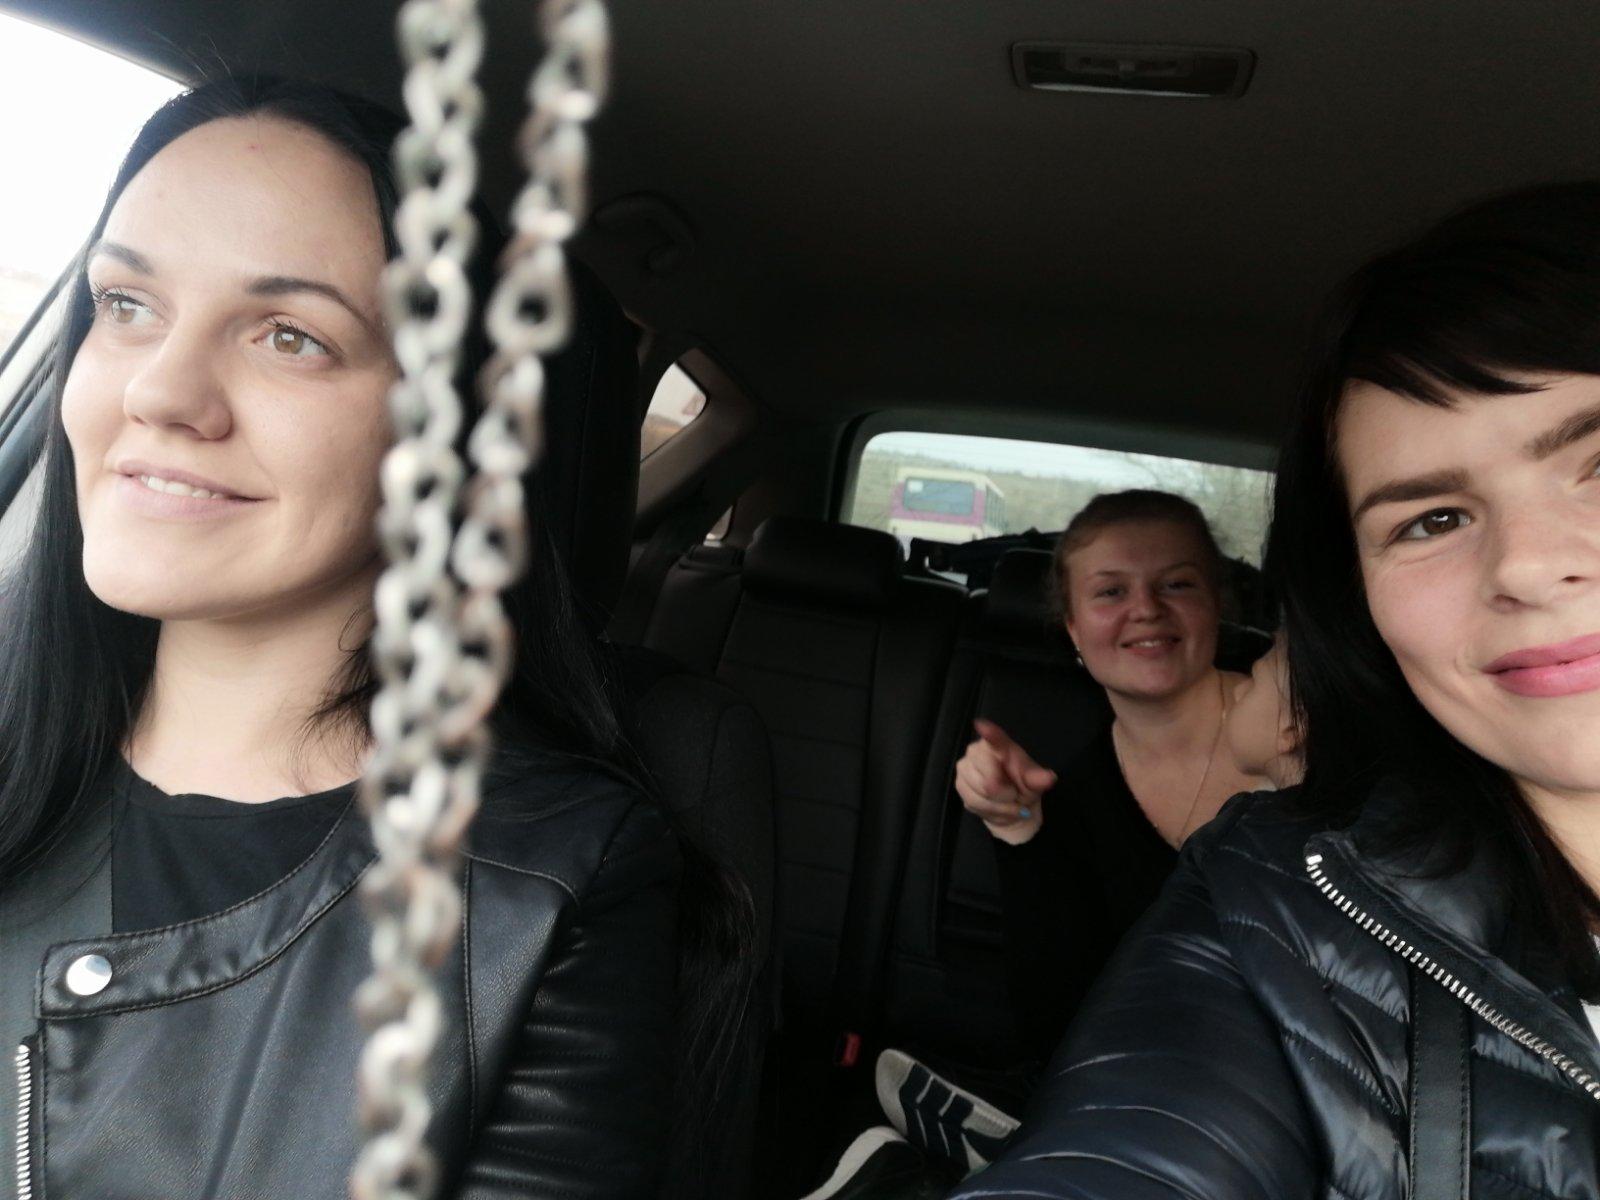 Сестринский выезд состоялся!))